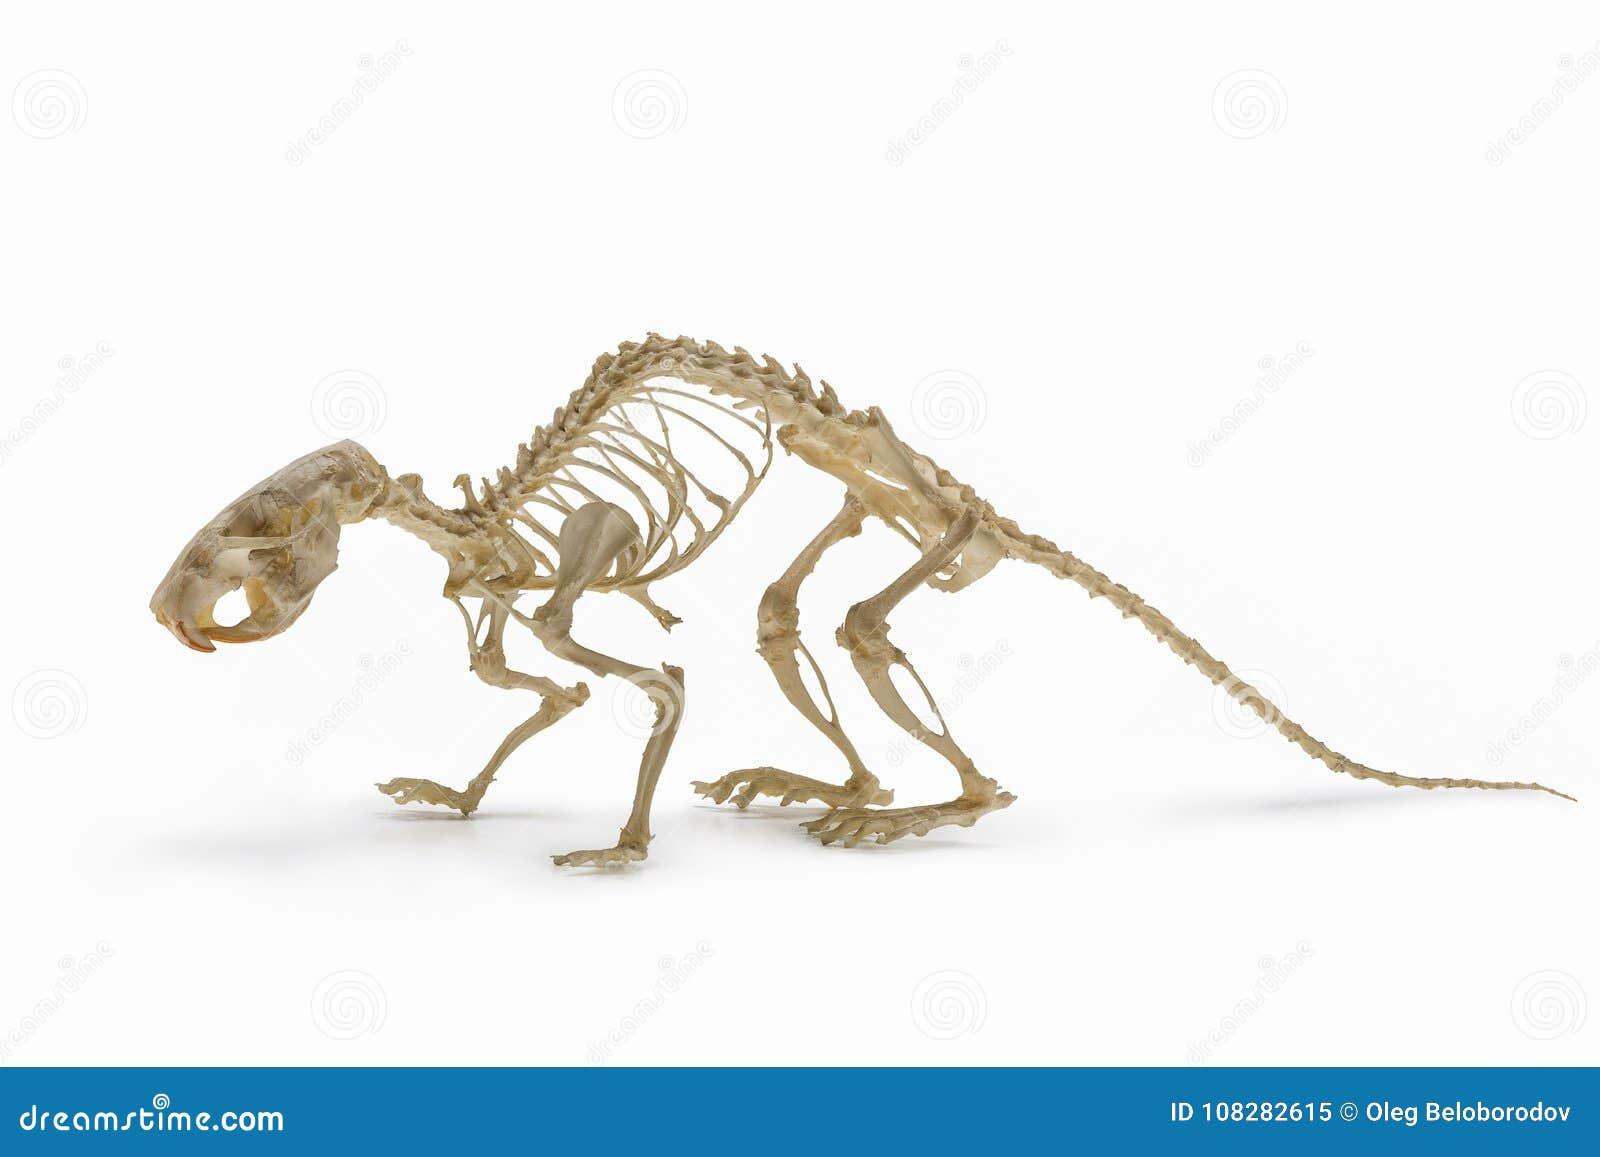 Skelett Der Ratte, Eine Zulage Nagetierzoologie Stockbild - Bild von ...